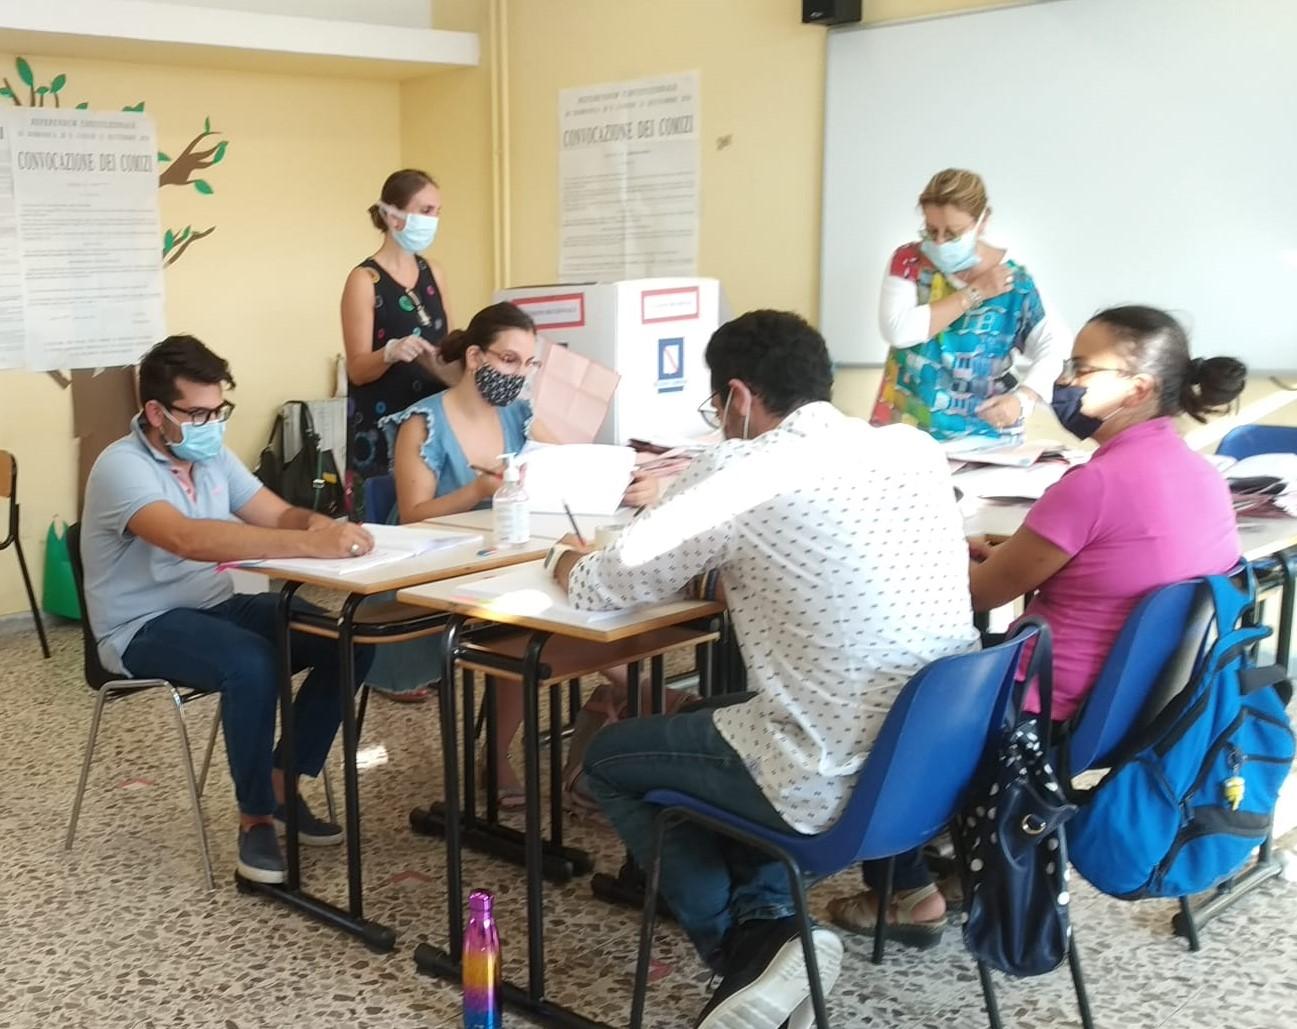 Elezioni regionali 2020 – Risultati definitivi relativi ai candidati di Torre del Greco